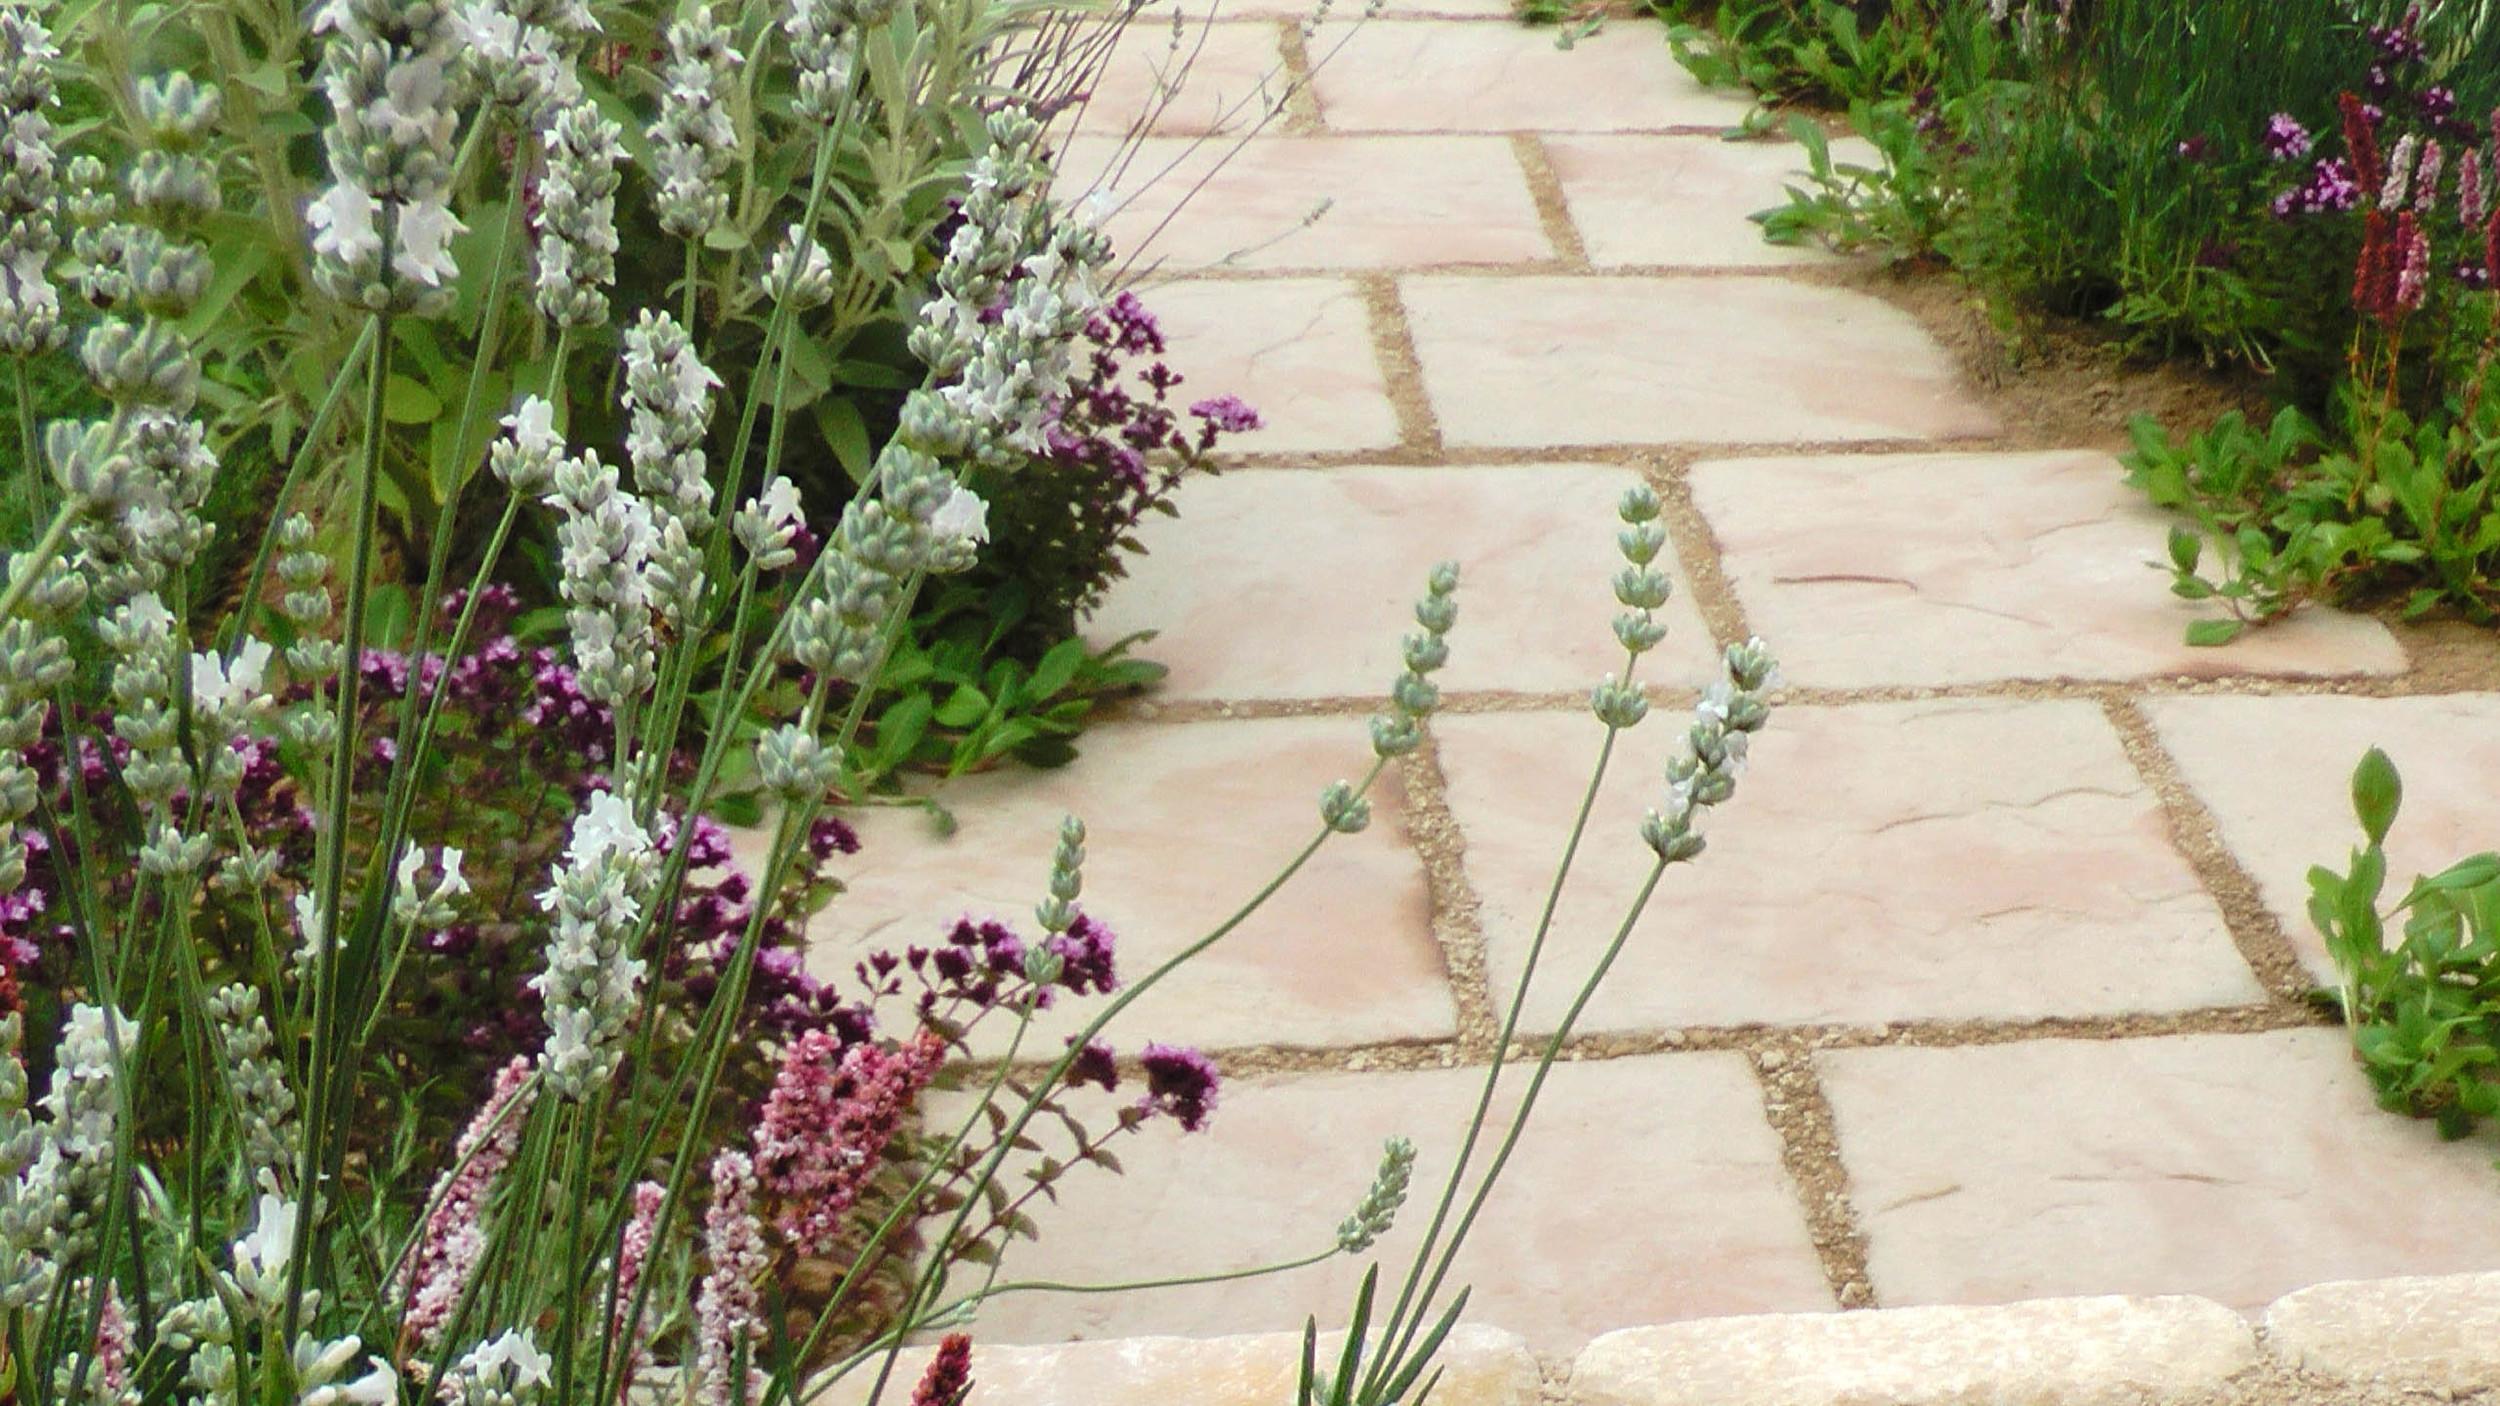 Cheshire Garden Design: RHS Tatton Flower Show 'Precious Resources Garden': Path with perennial planting